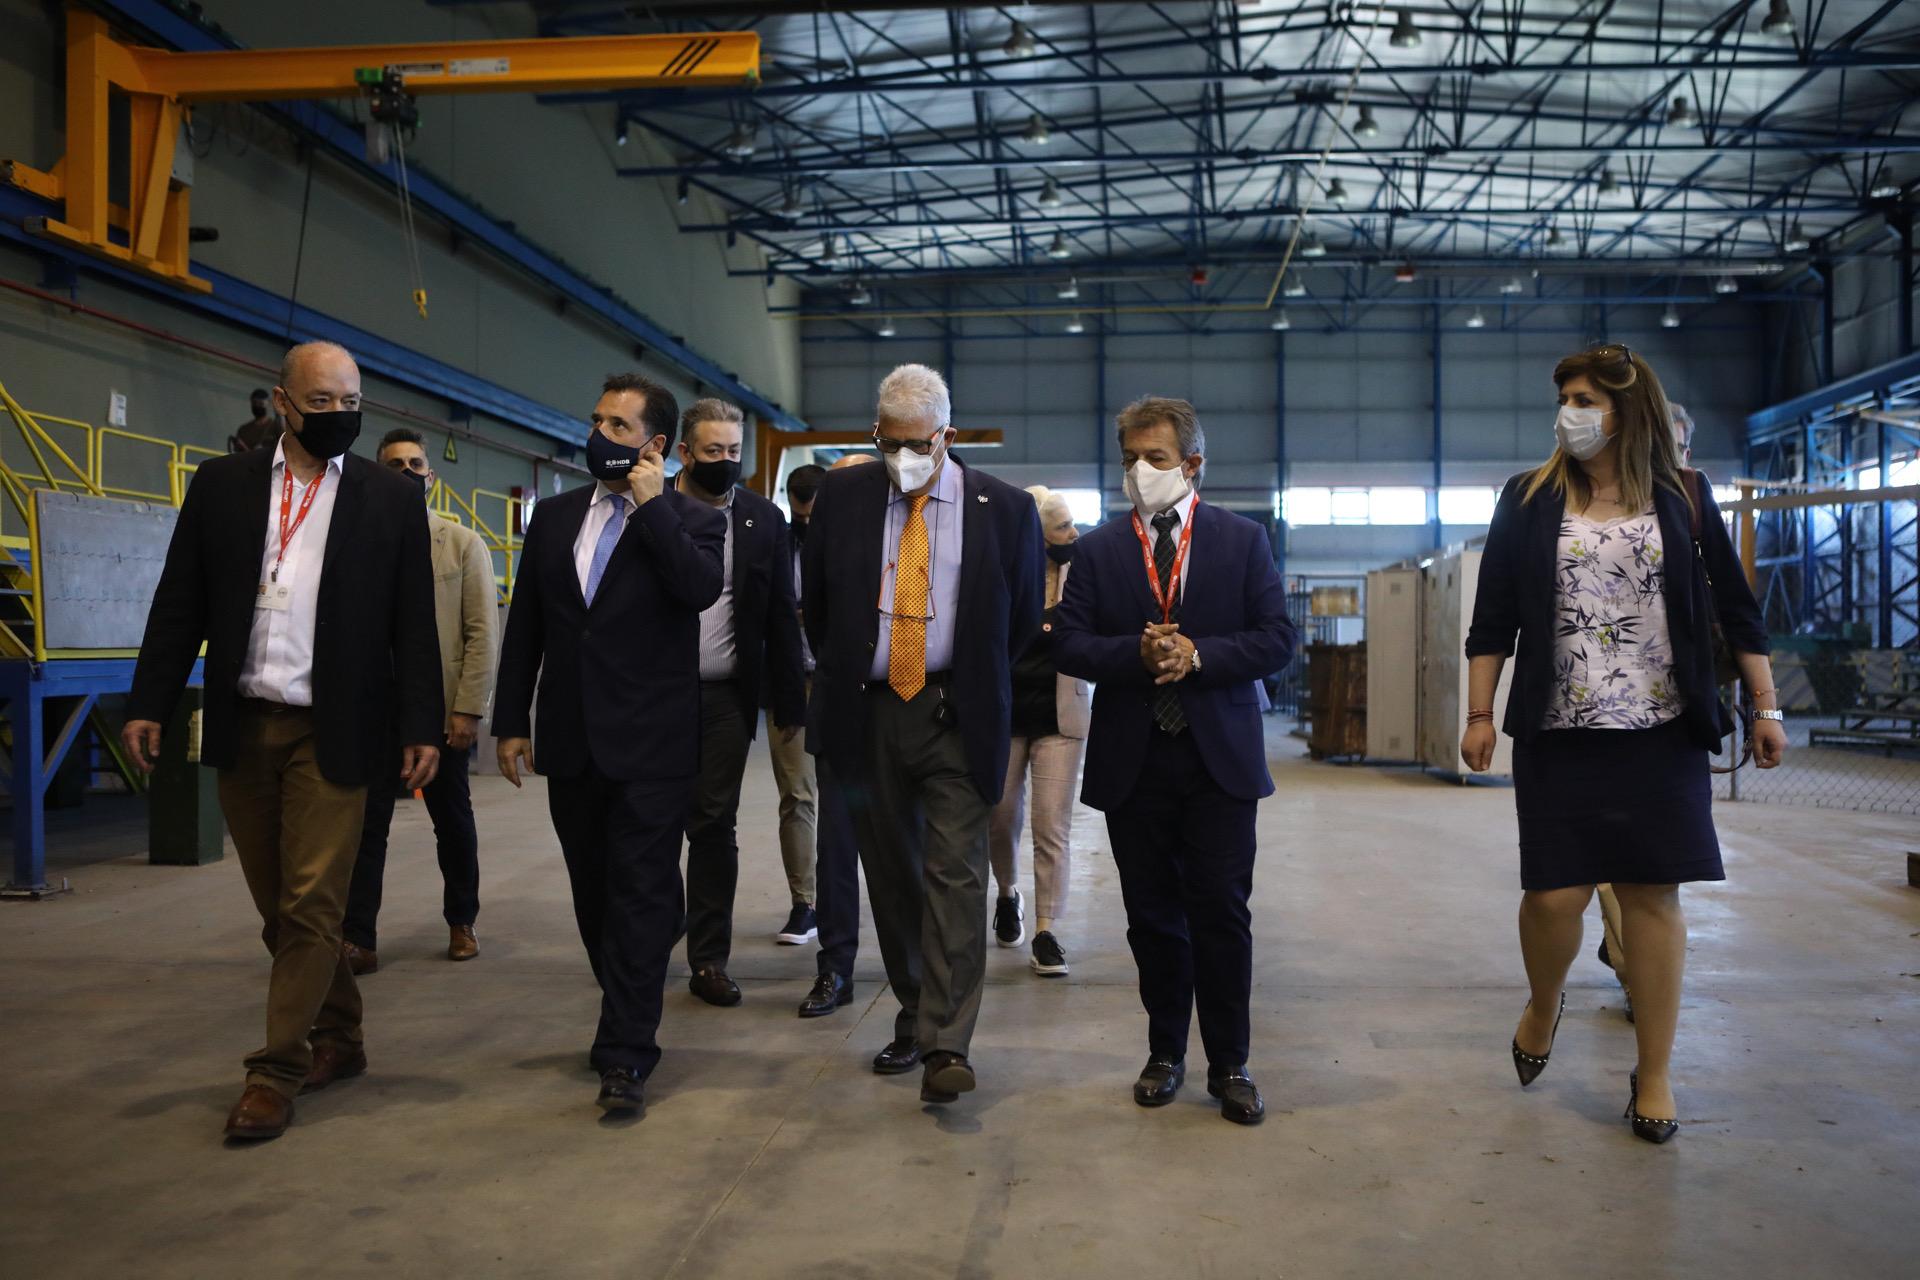 ΕΛΒΟ: Ξεκίνησαν η ανακαίνιση και οι προσλήψεις στο εργοστάσιο – Στις εγκαταστάσεις ο Άδωνις Γεωργιάδης